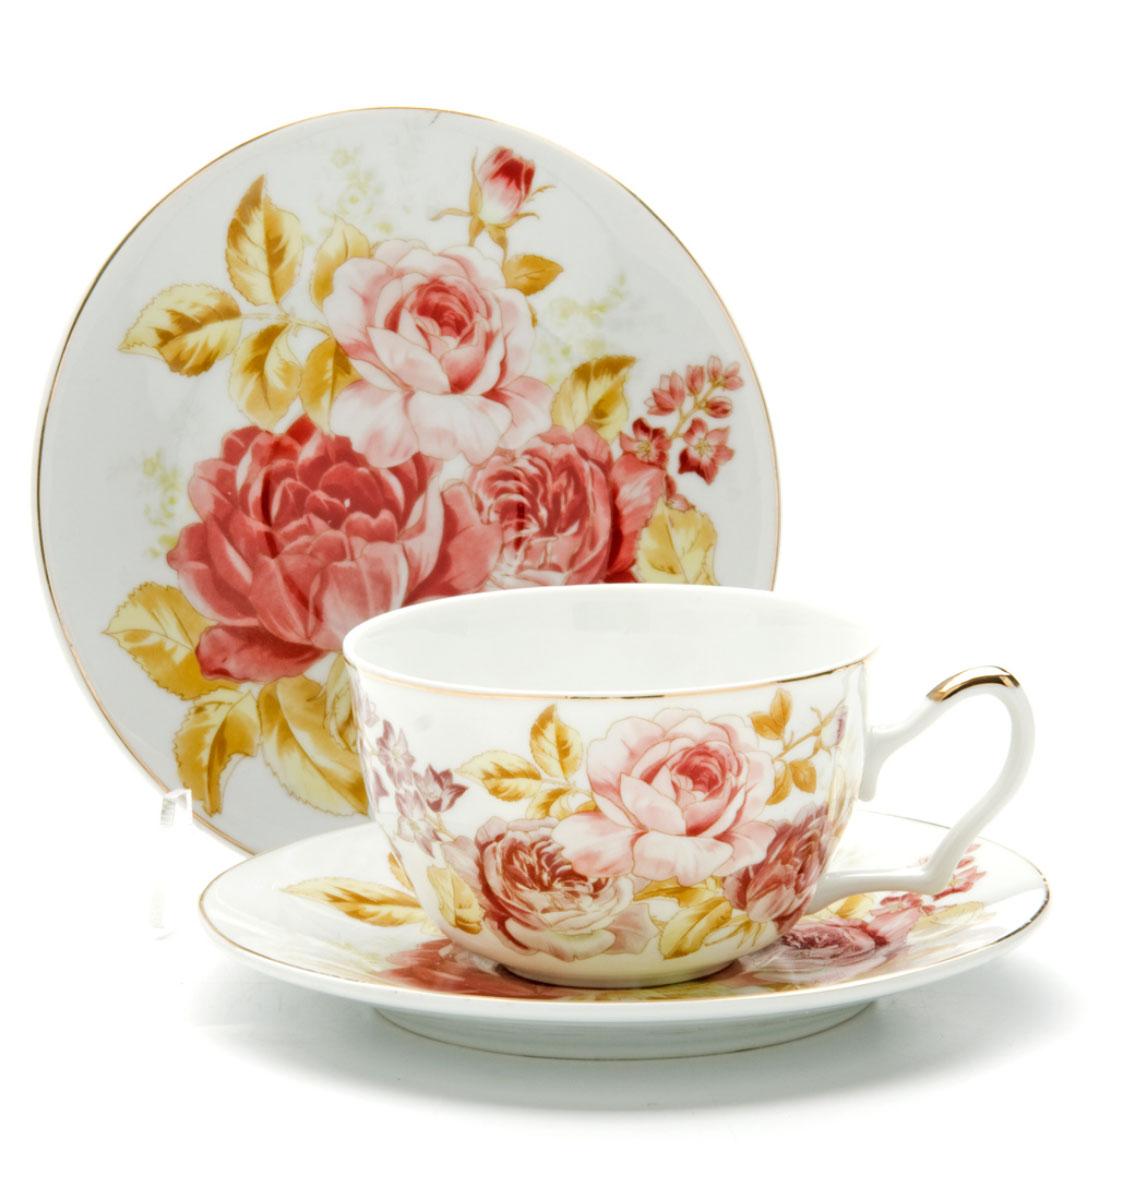 Чайная пара Loraine Розы, 250 мл, 2 предмета. 2459124591Этот чайный набор, выполненный из керамики, состоит из 1 чашки и 1 блюдца. Предметы набора оформлены ярким изображением цветов. Изящный дизайн и красочность оформления придутся по вкусу и ценителям классики, и тем, кто предпочитает утонченность и изысканность. Чайная пара- идеальный и необходимый подарок для вашего дома и для ваших друзей в праздники, юбилеи и торжества! Он также станет отличным корпоративным подарком и украшением любой кухни. Чайная пара упакована в подарочную коробку из плотного цветного картона. Внутренняя часть коробки задрапирована белым атласом.